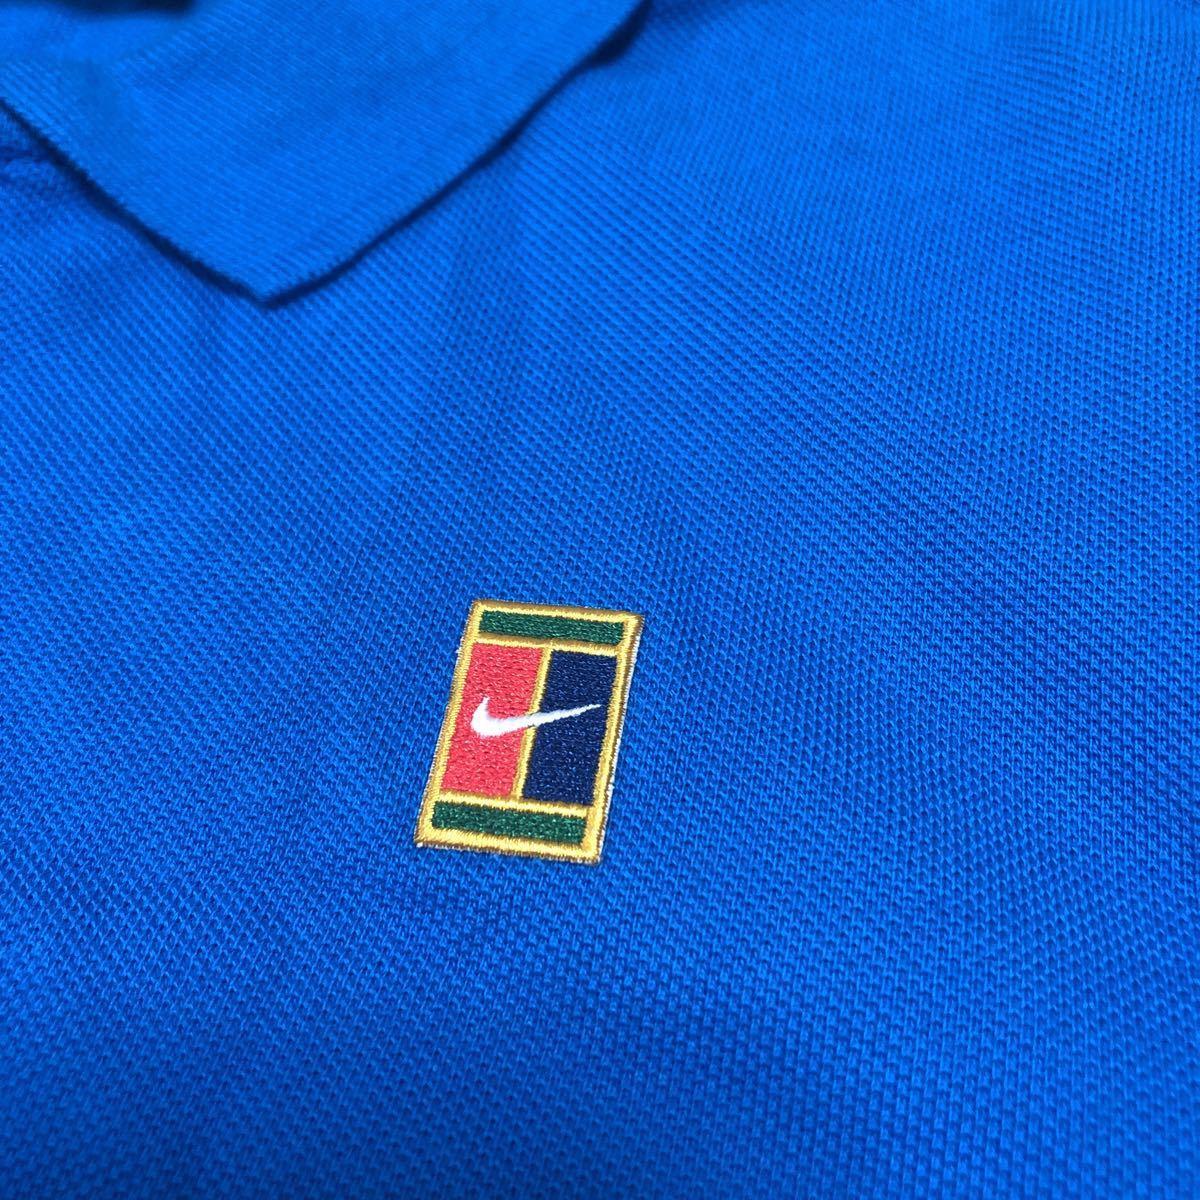 新品 NIKE tennis ナイキ テニス コートロゴ ポロシャツ メンズUSサイズXS 日本サイズS スリムフィット_画像3